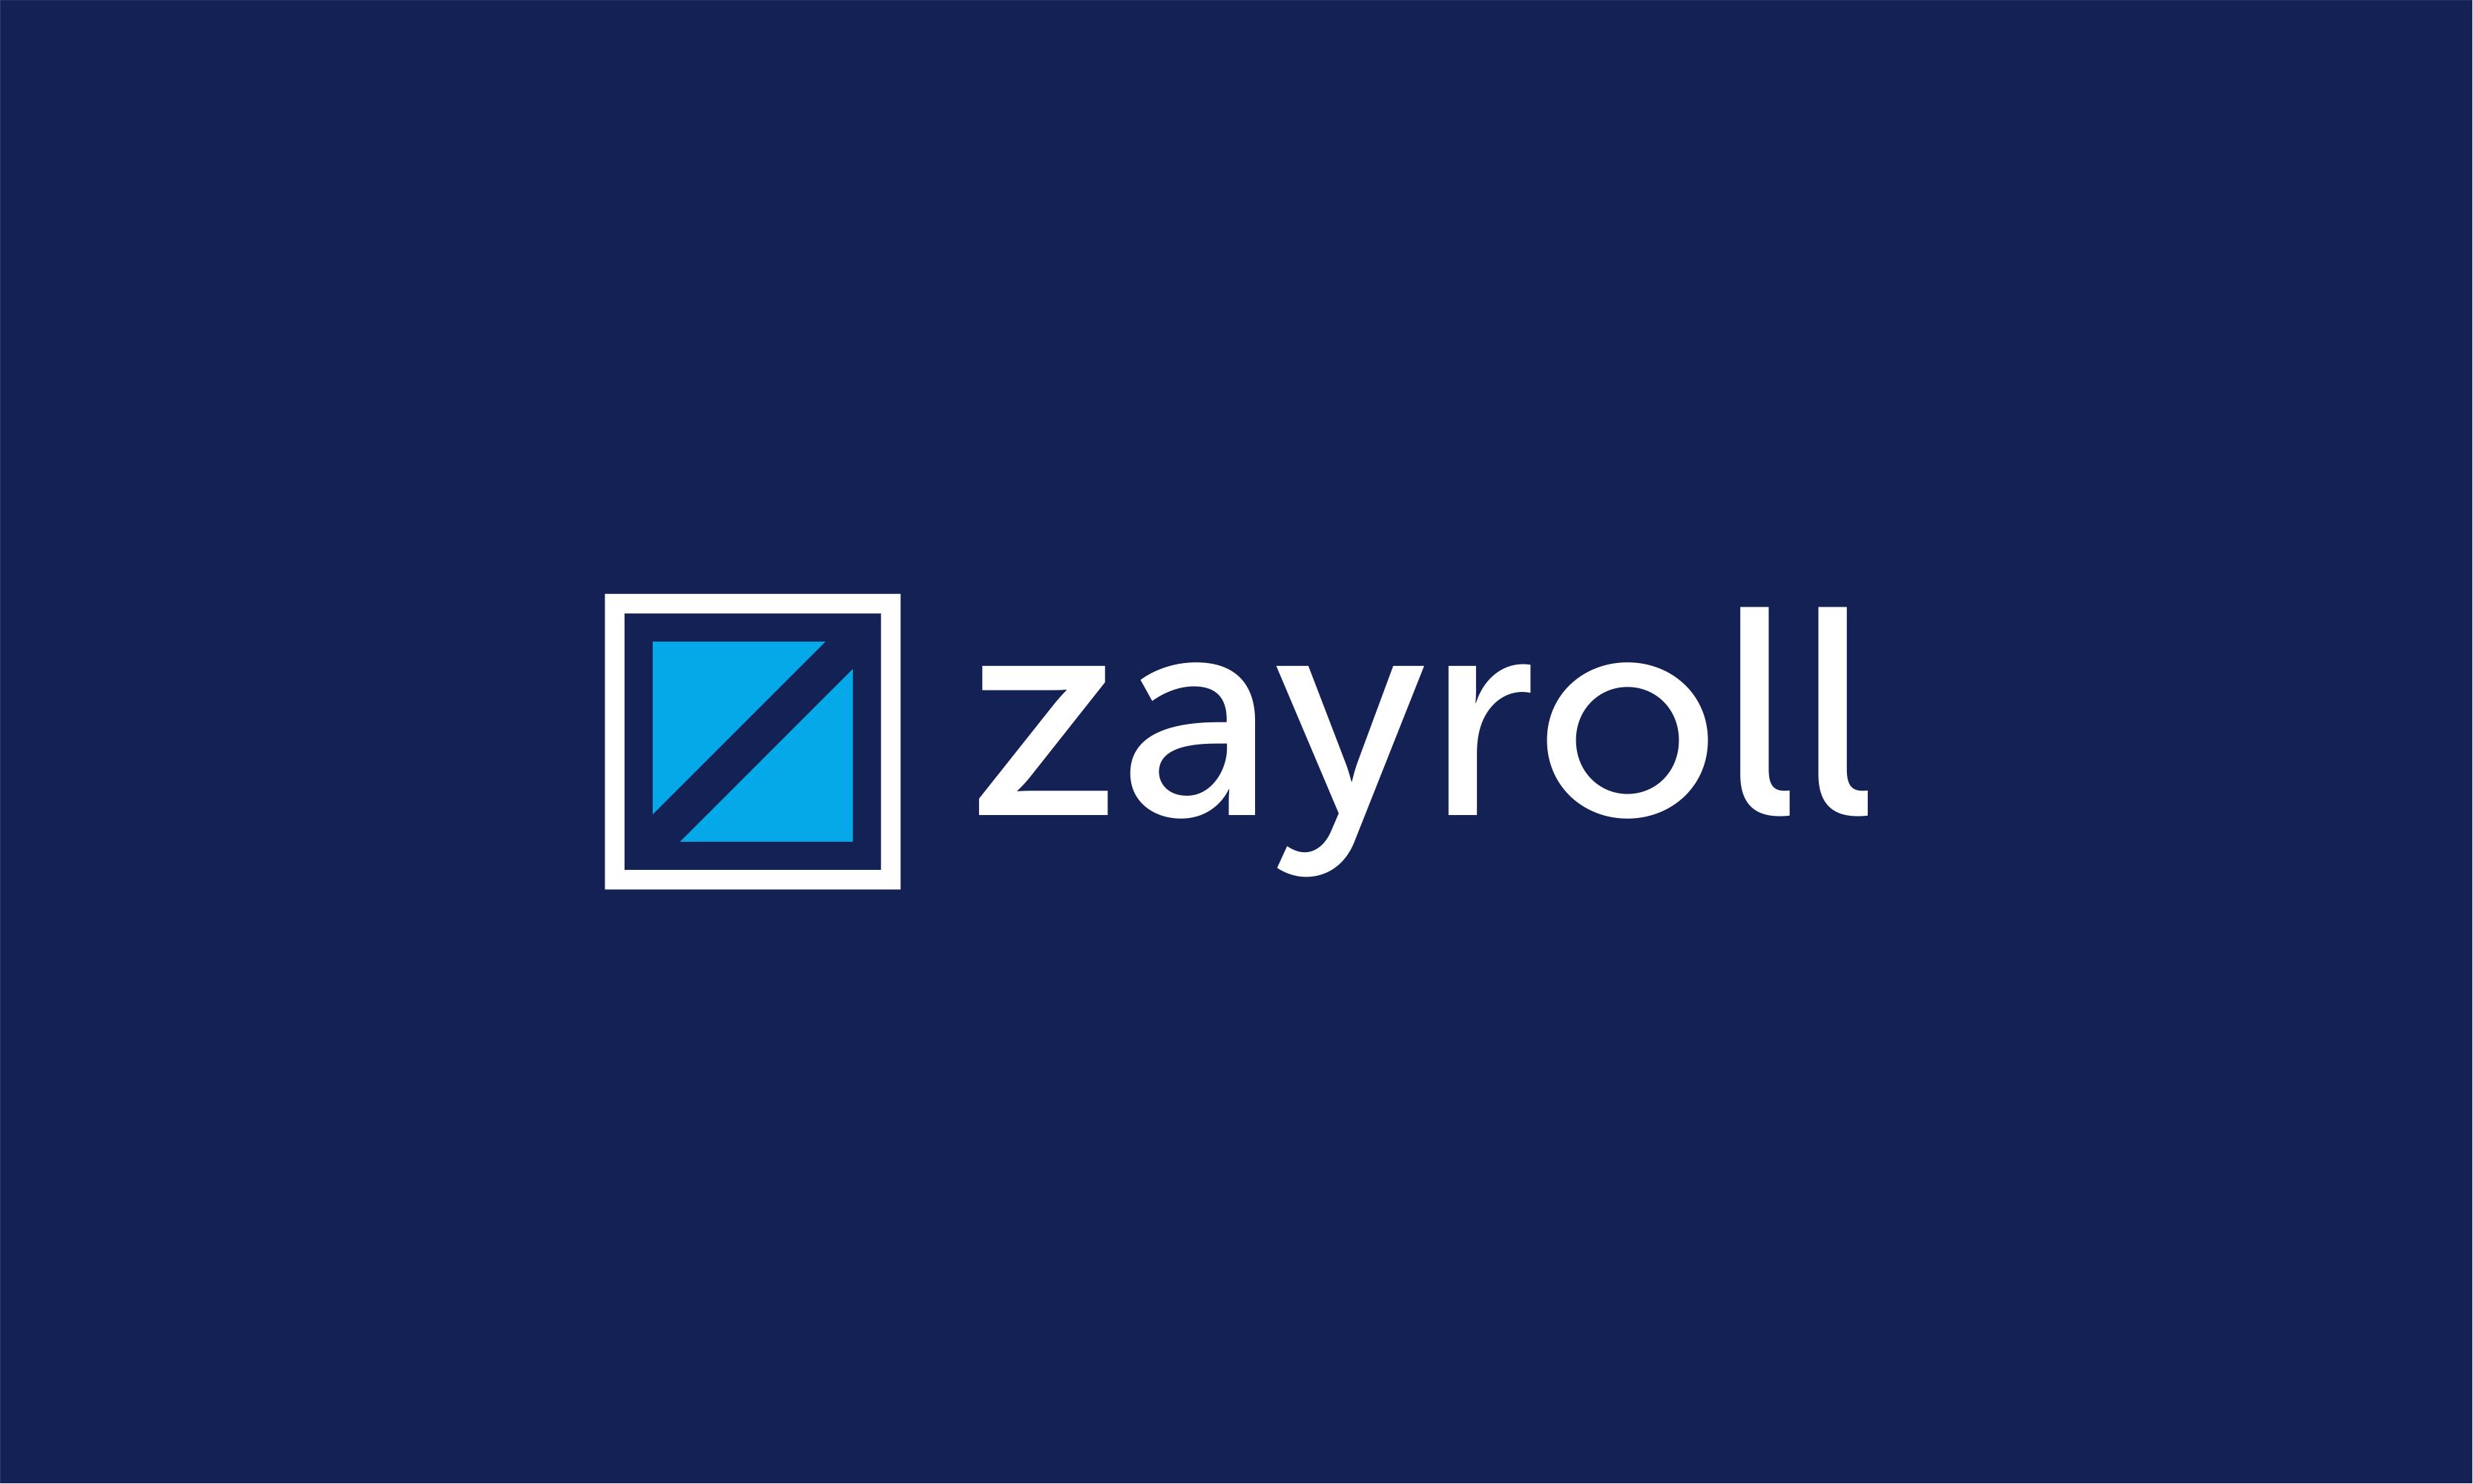 Zayroll